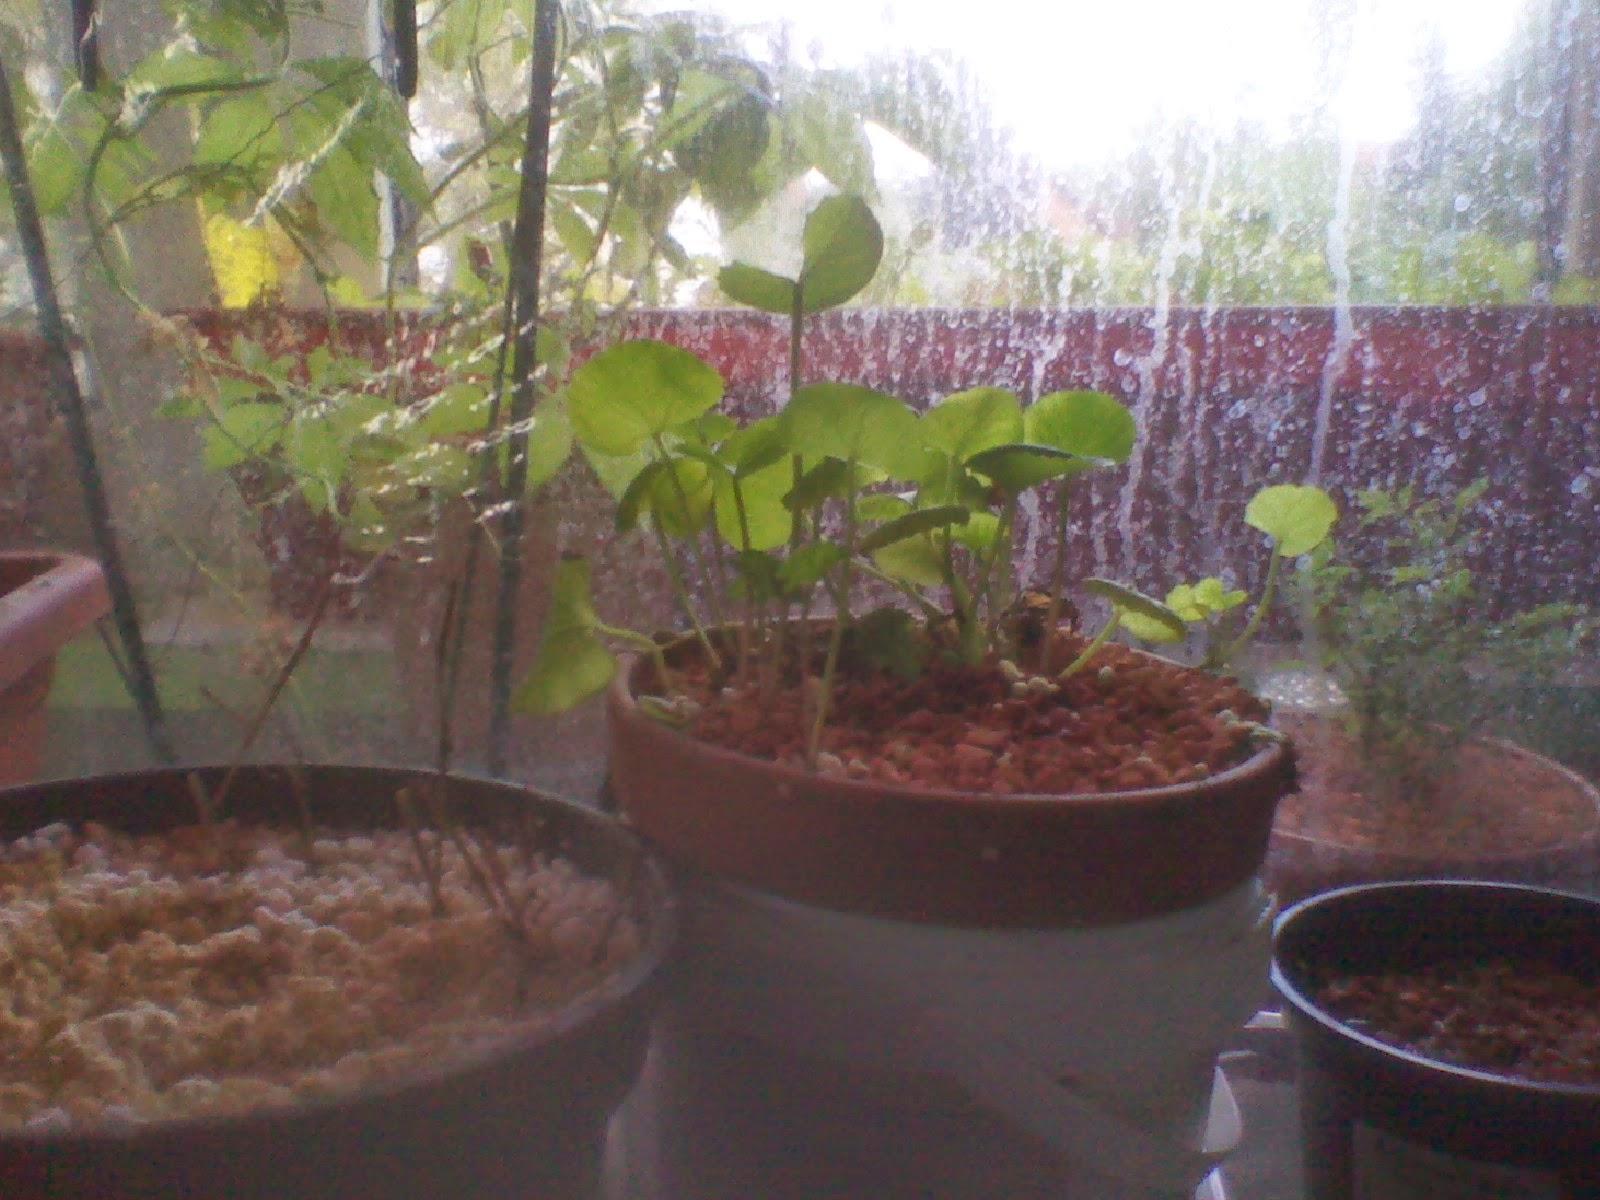 selbstversorgung exotische einheimische pflanzen im zimmer und garten april 2014. Black Bedroom Furniture Sets. Home Design Ideas